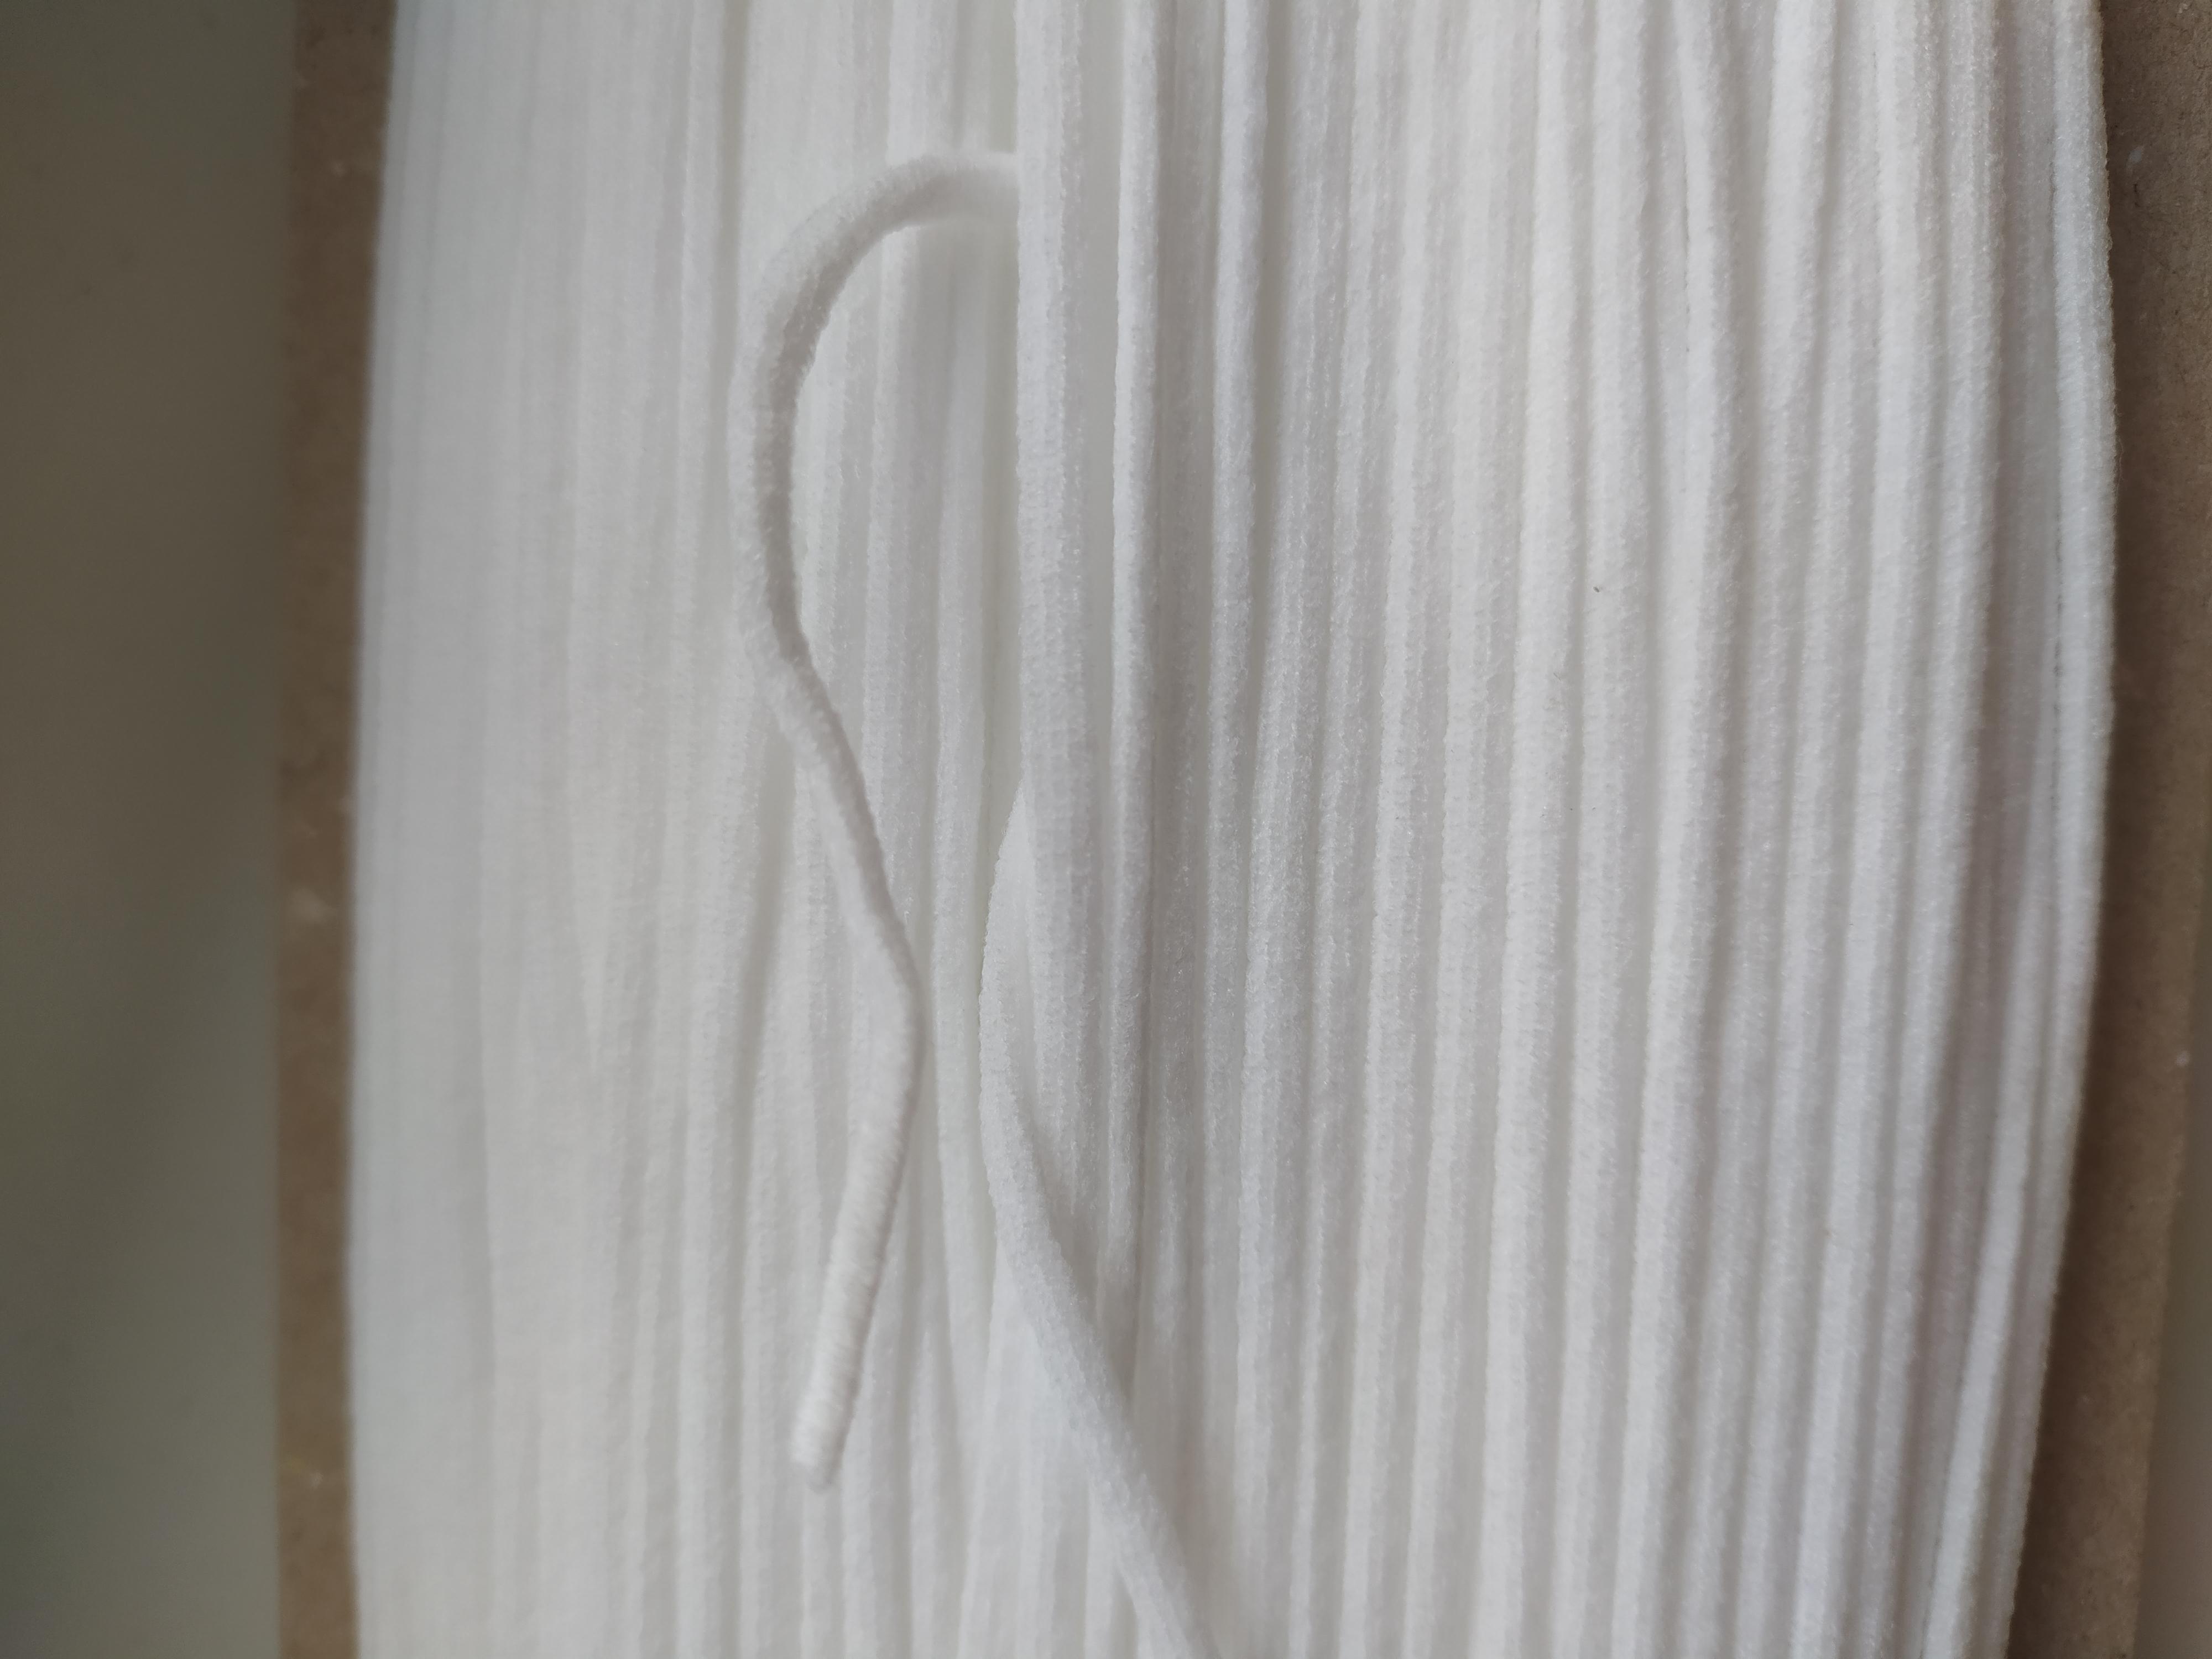 Pruženka okrouhlá roušková 3 mm bílá